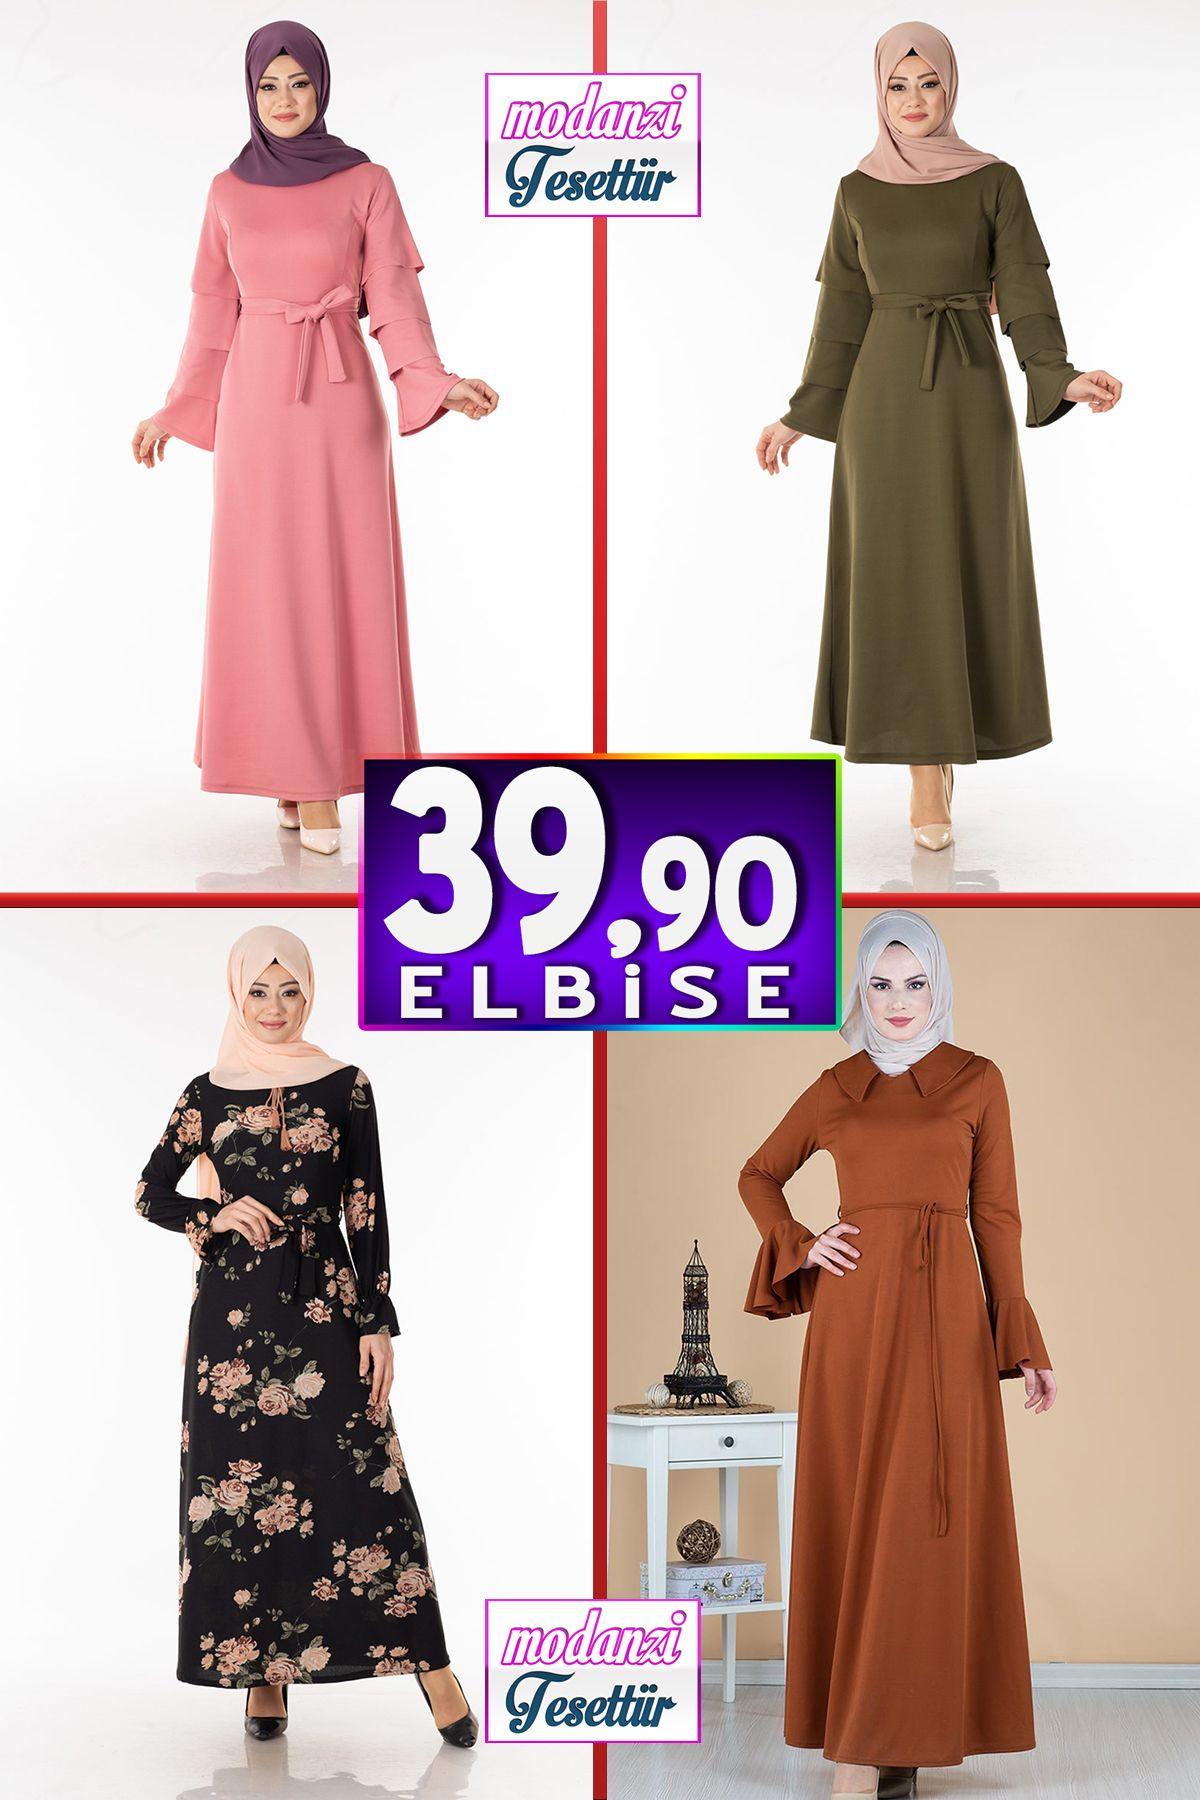 Tesettur Pazari 39 90 Tl Elbise Modelleri 4 Kampanya Indirim Tesettur Elbise Modelleri 2020 Elbise Elbise Modelleri Kasmir